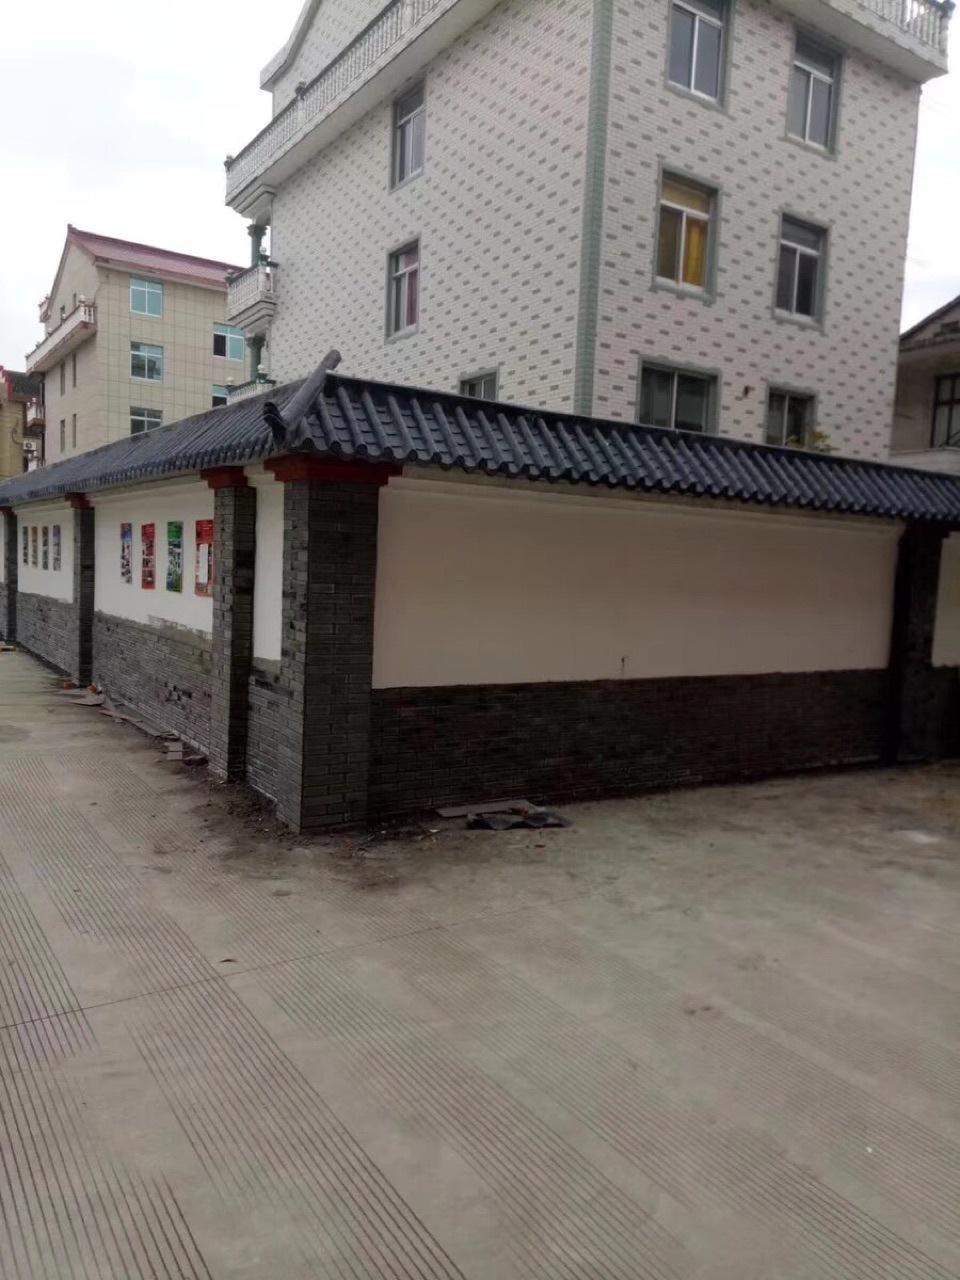 屋檐一体瓦 围墙一体瓦 门头一体瓦厂家批发